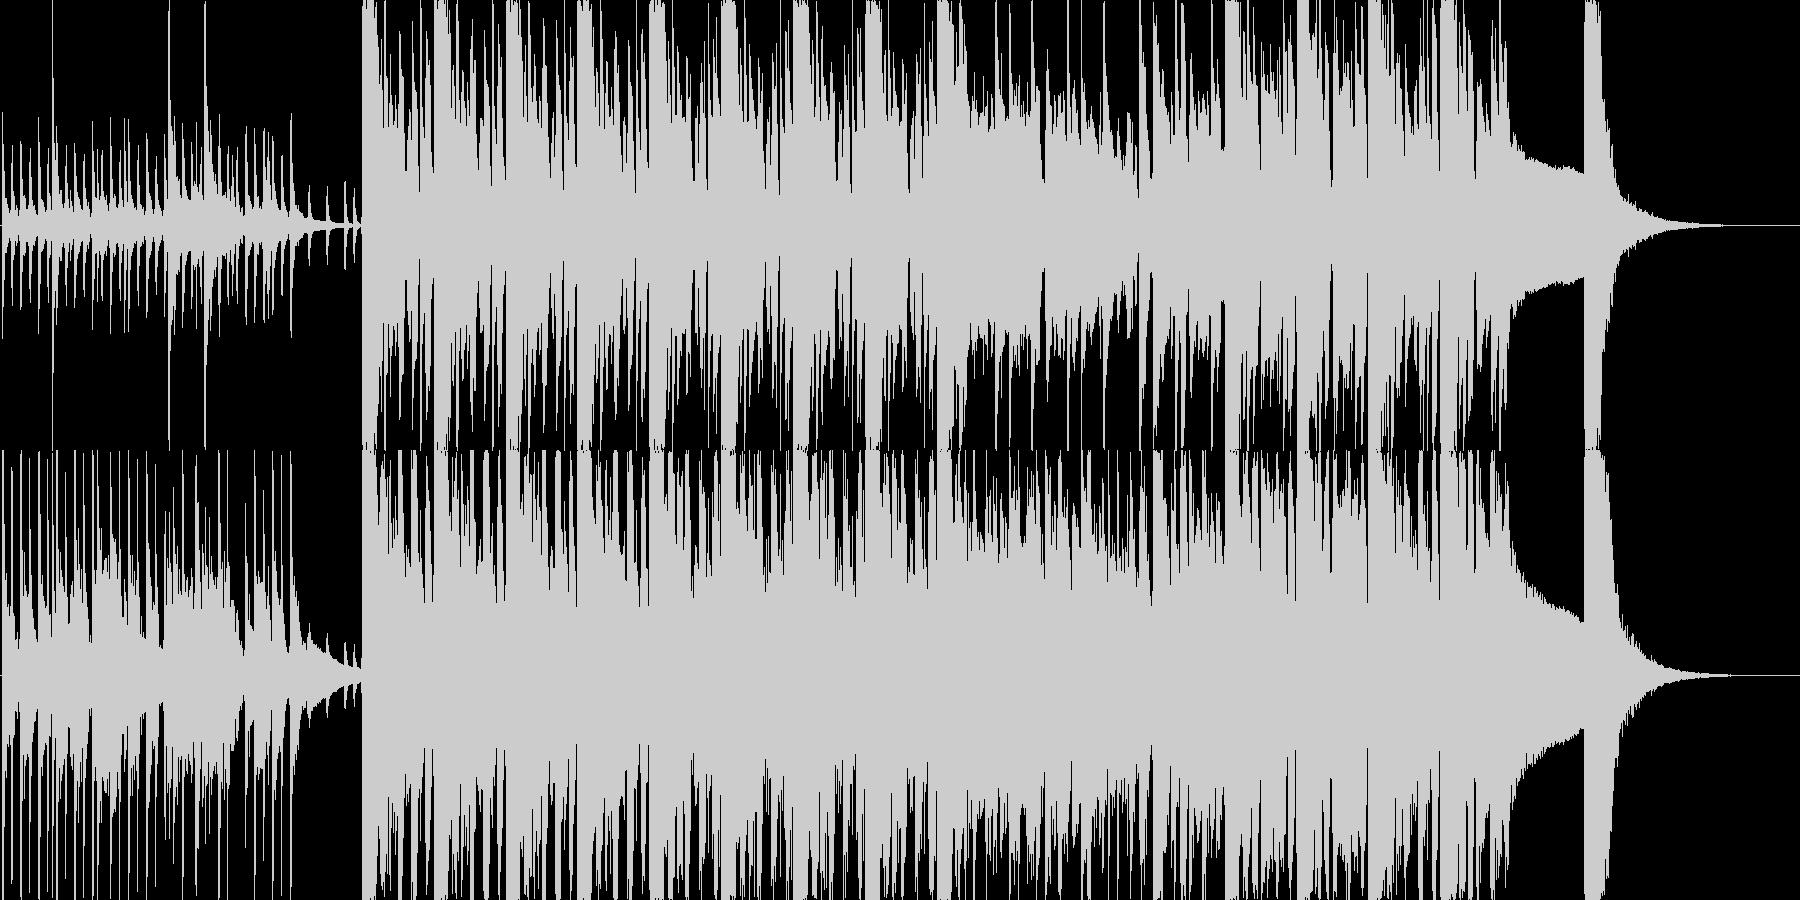 【ビックバンド】疾走感溢れるビックバンドの未再生の波形